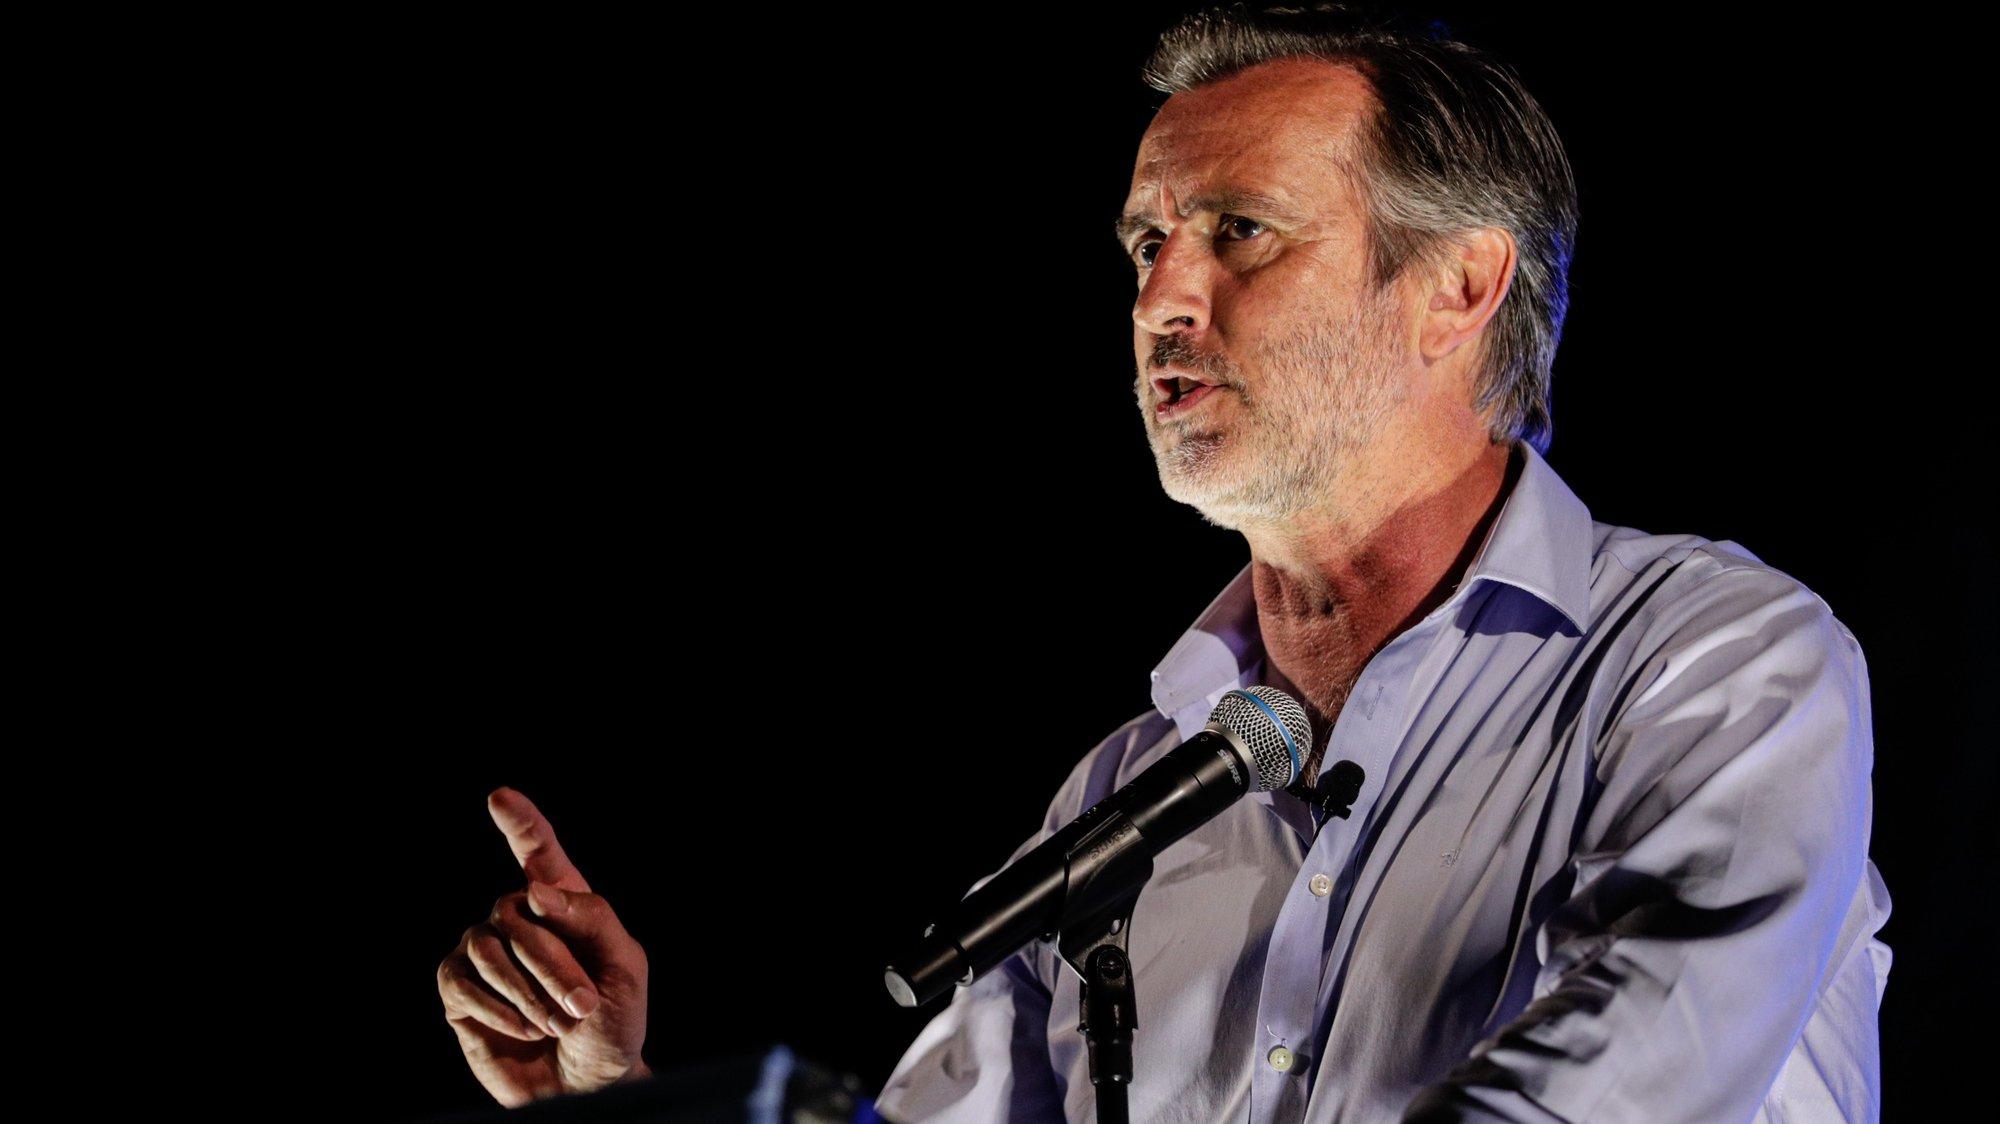 """O presidente do partido e deputado único, João Cotrim Figueiredo, discursa durante a iniciativa 'Rentrée"""" política """"A'gosto da Liberdade"""", em Albufeira, Faro, 13 de agosto de 2021. LUÍS FORRA/LUSA"""